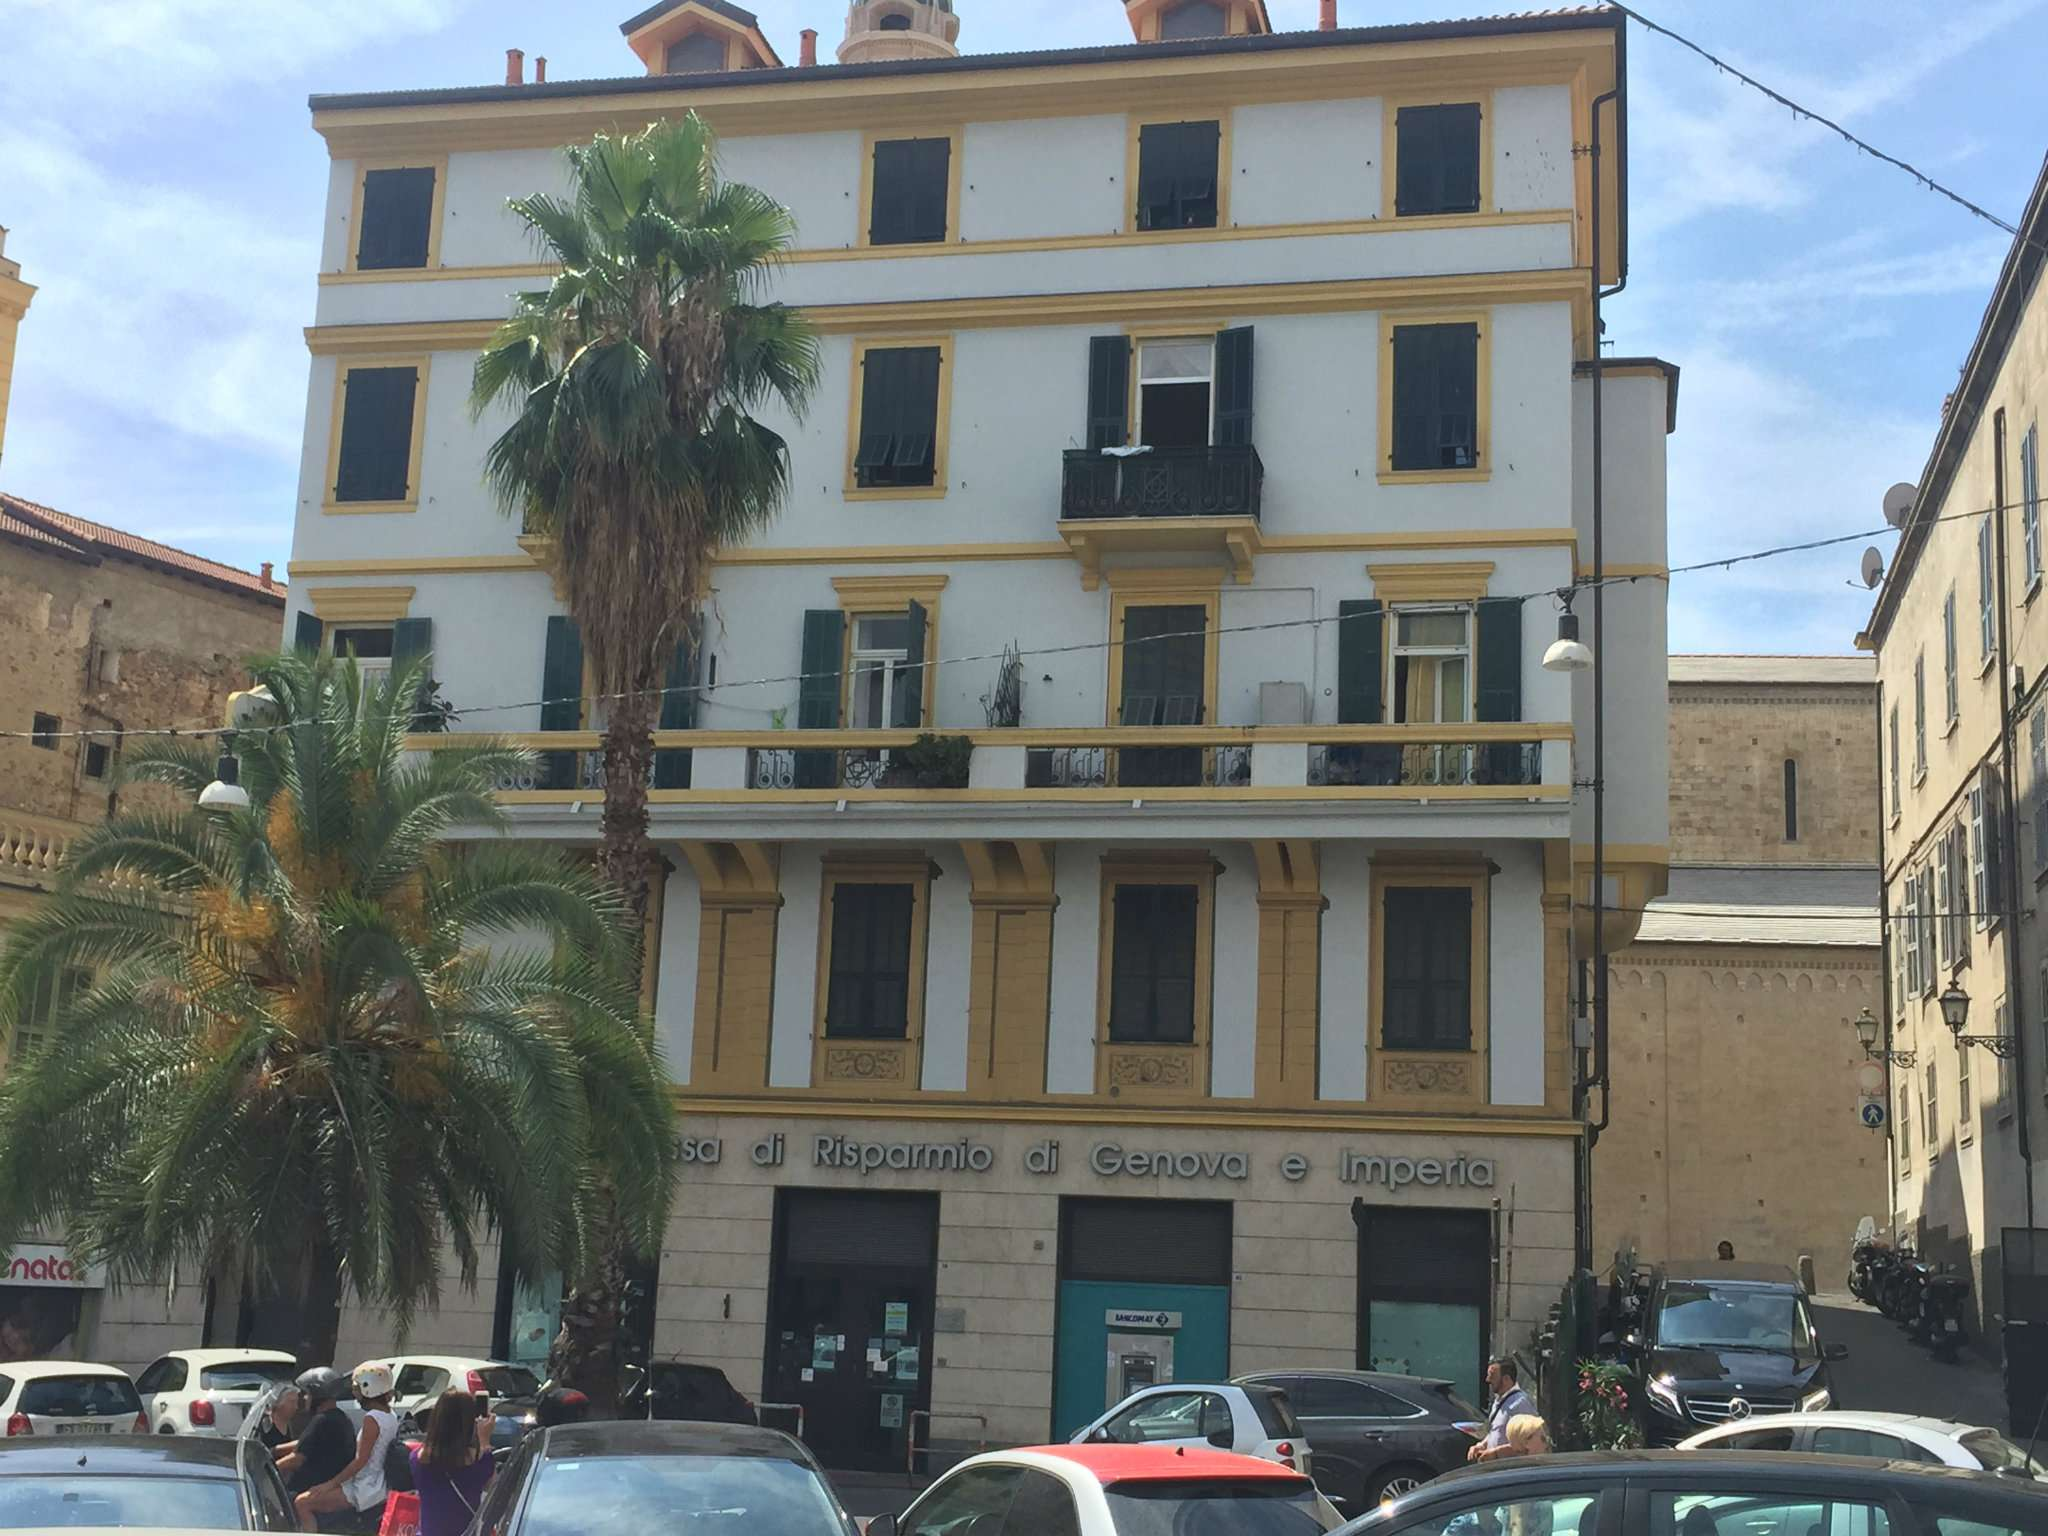 Negozio / Locale in affitto a SanRemo, 9999 locali, prezzo € 4.000 | CambioCasa.it